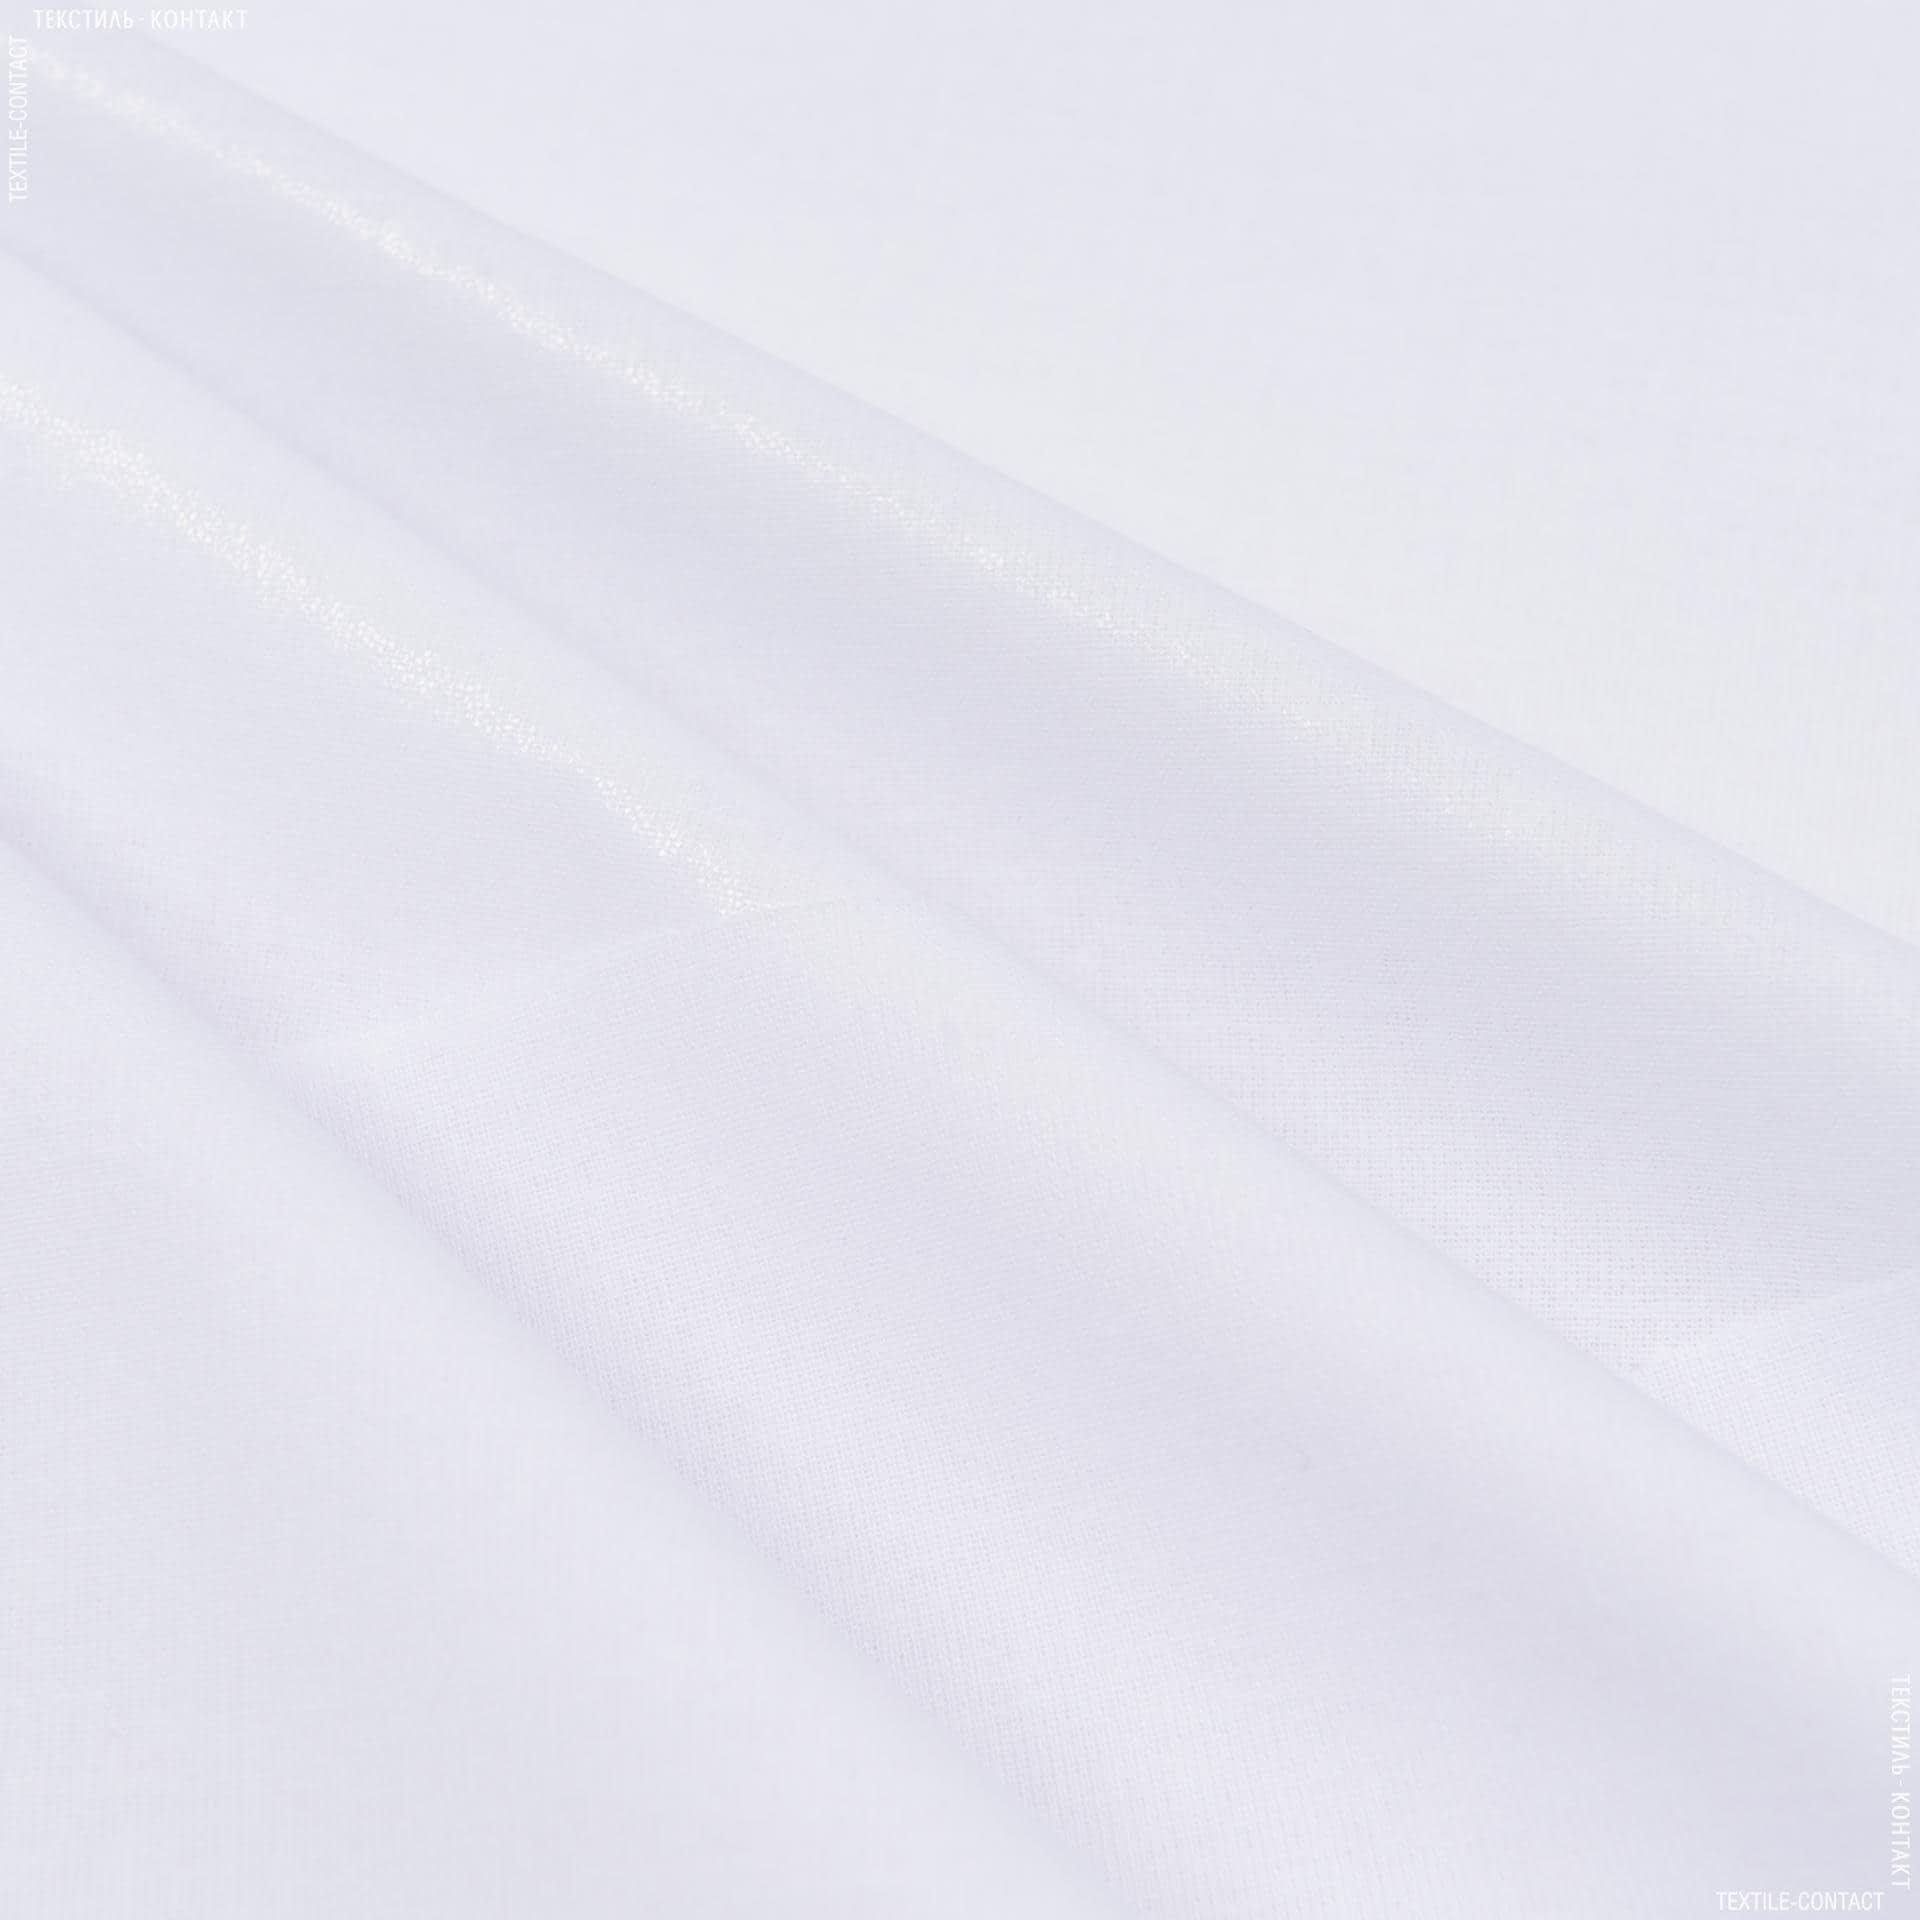 Тканини дублірин, флізелін - Бязь клейова білий 126г/м